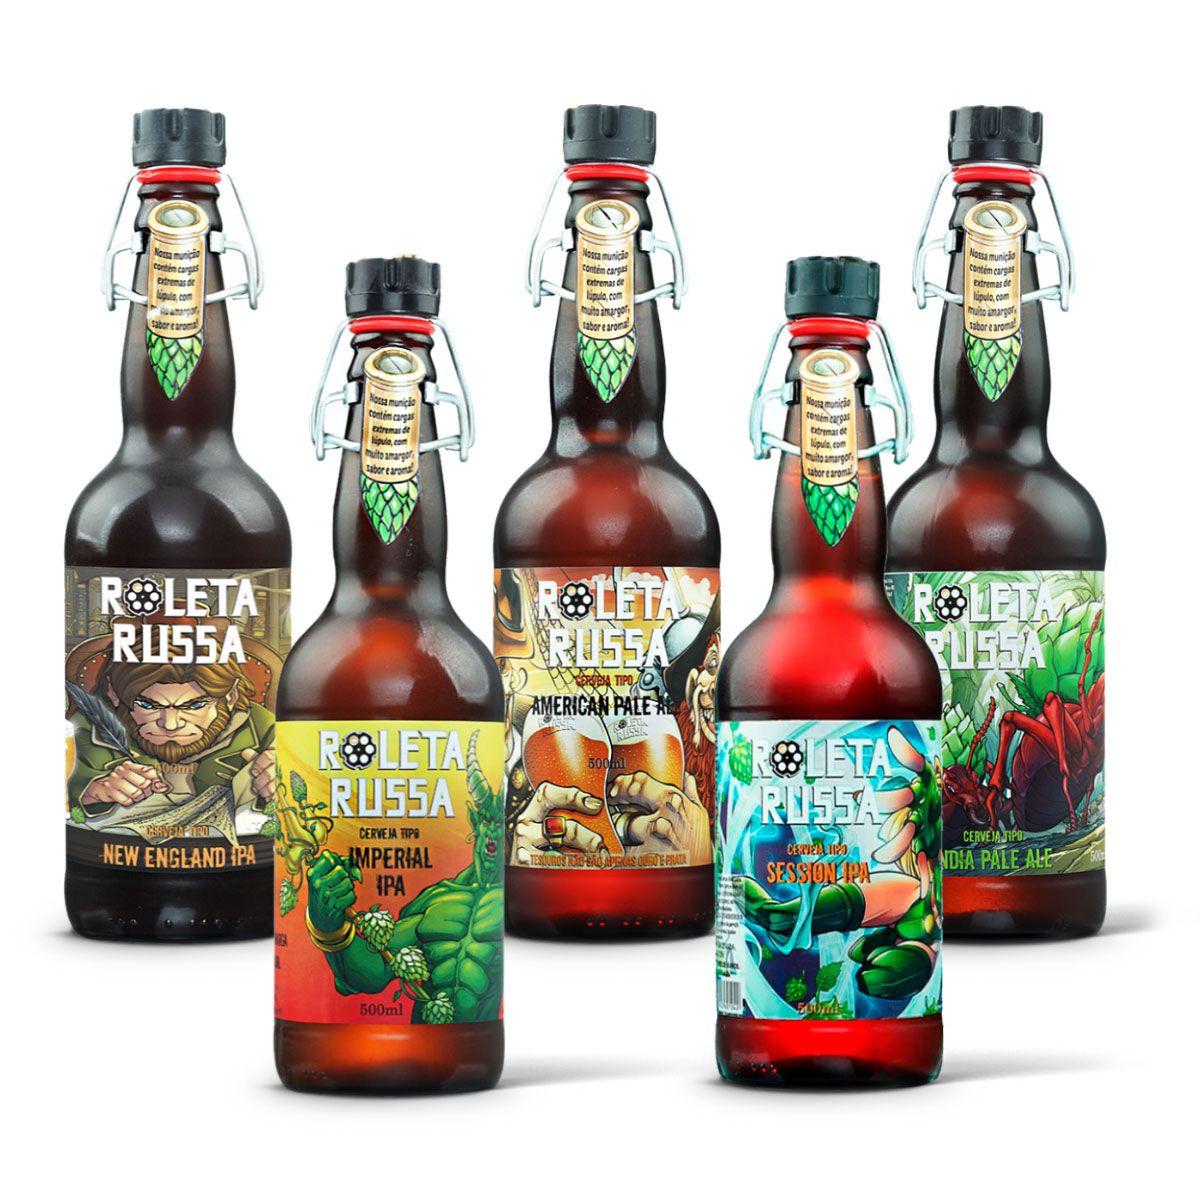 Kit degustação Roleta Russa 5 cervejas